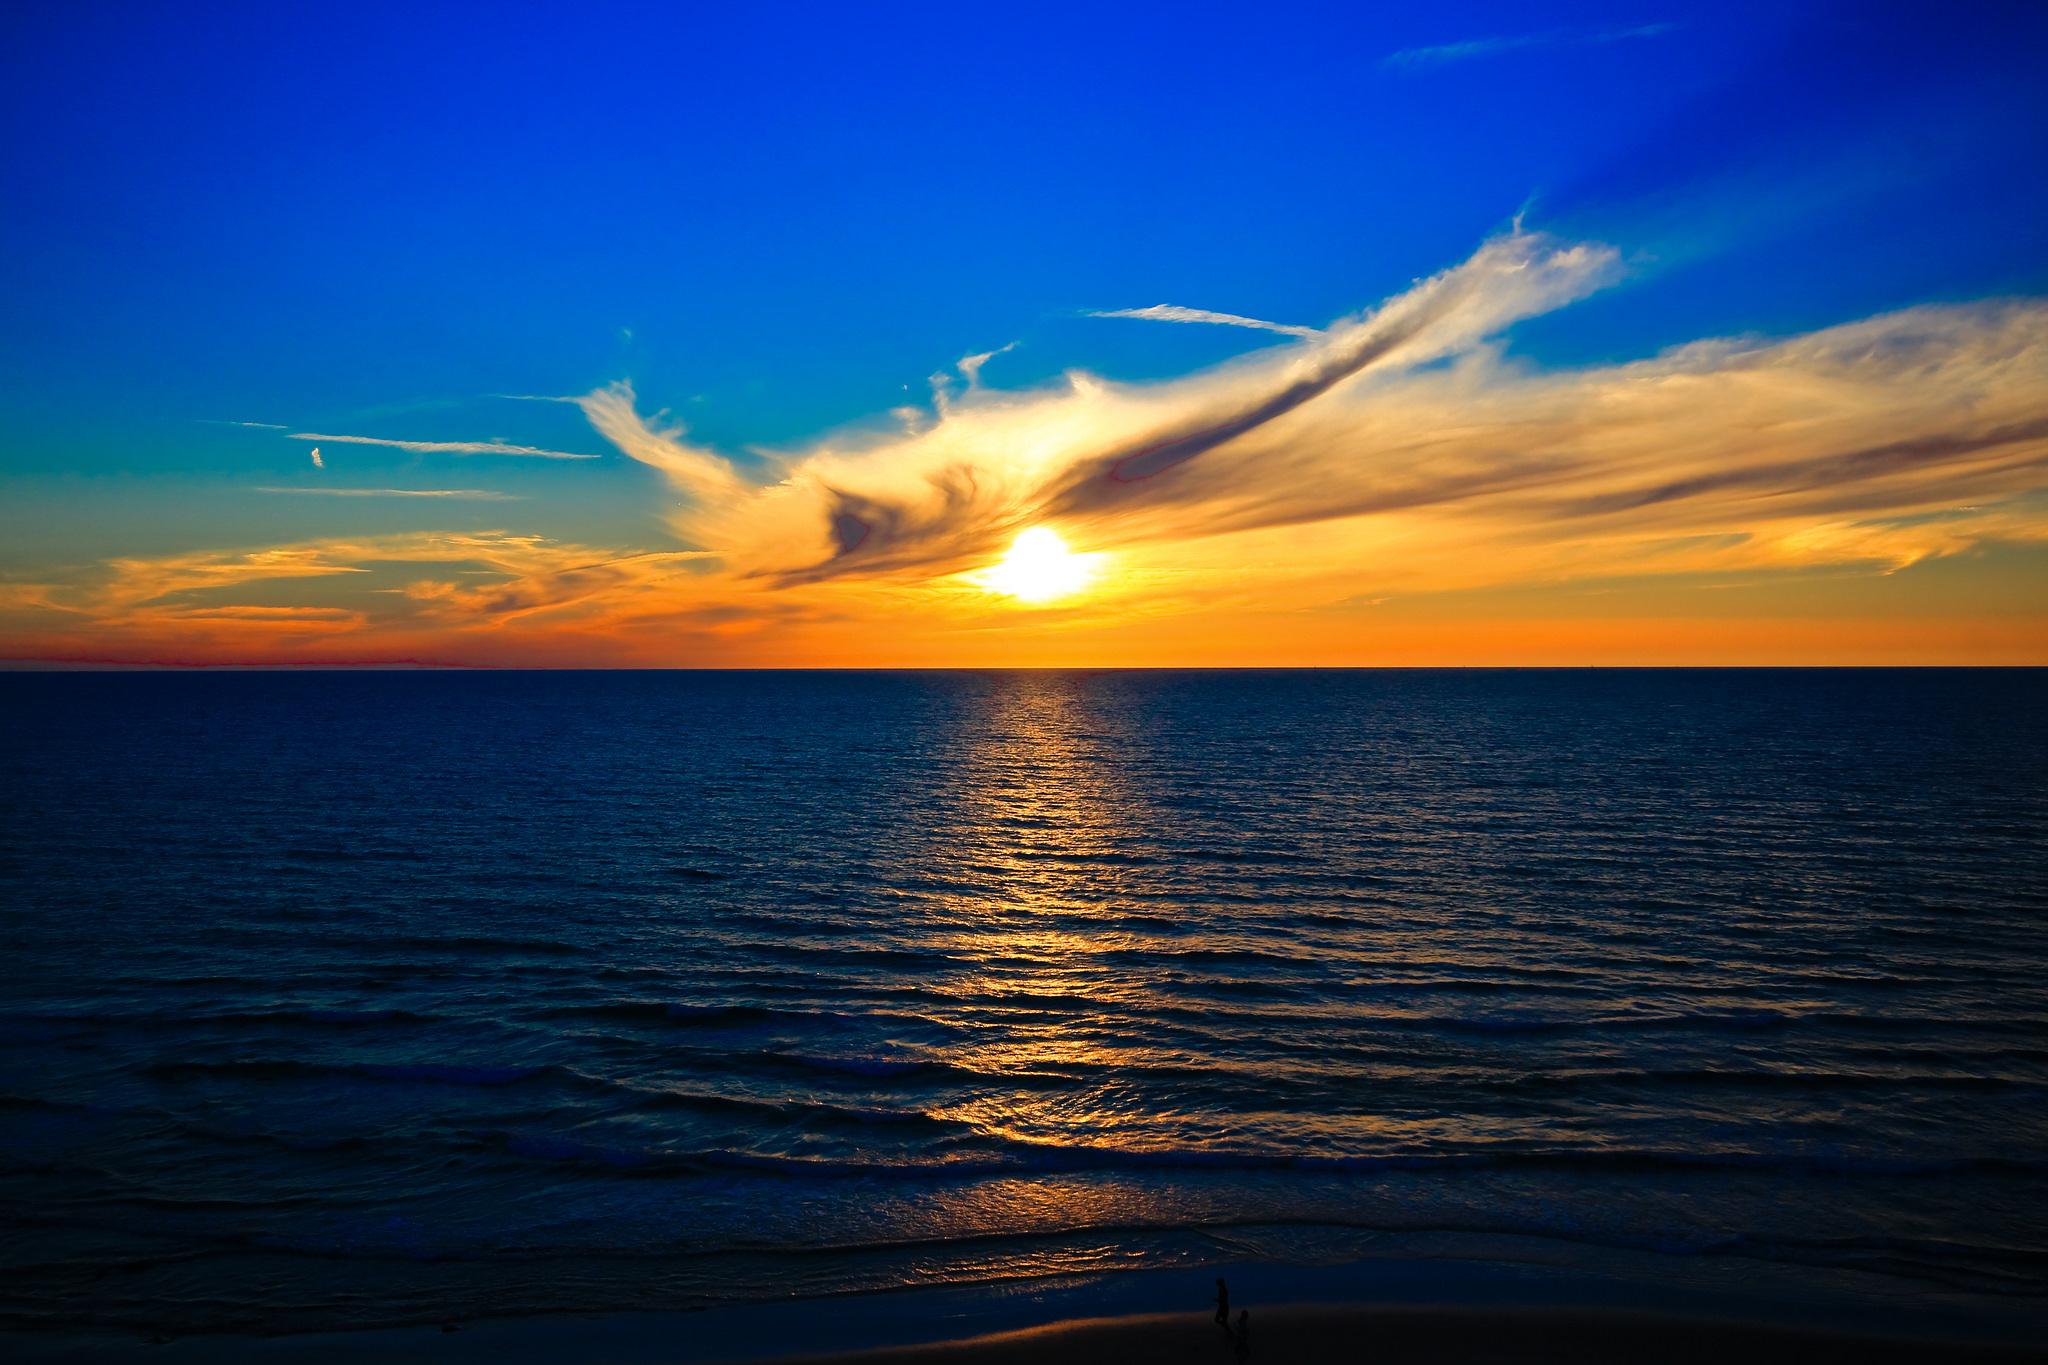 природа море солнце горизонт небо облака  № 717623 загрузить